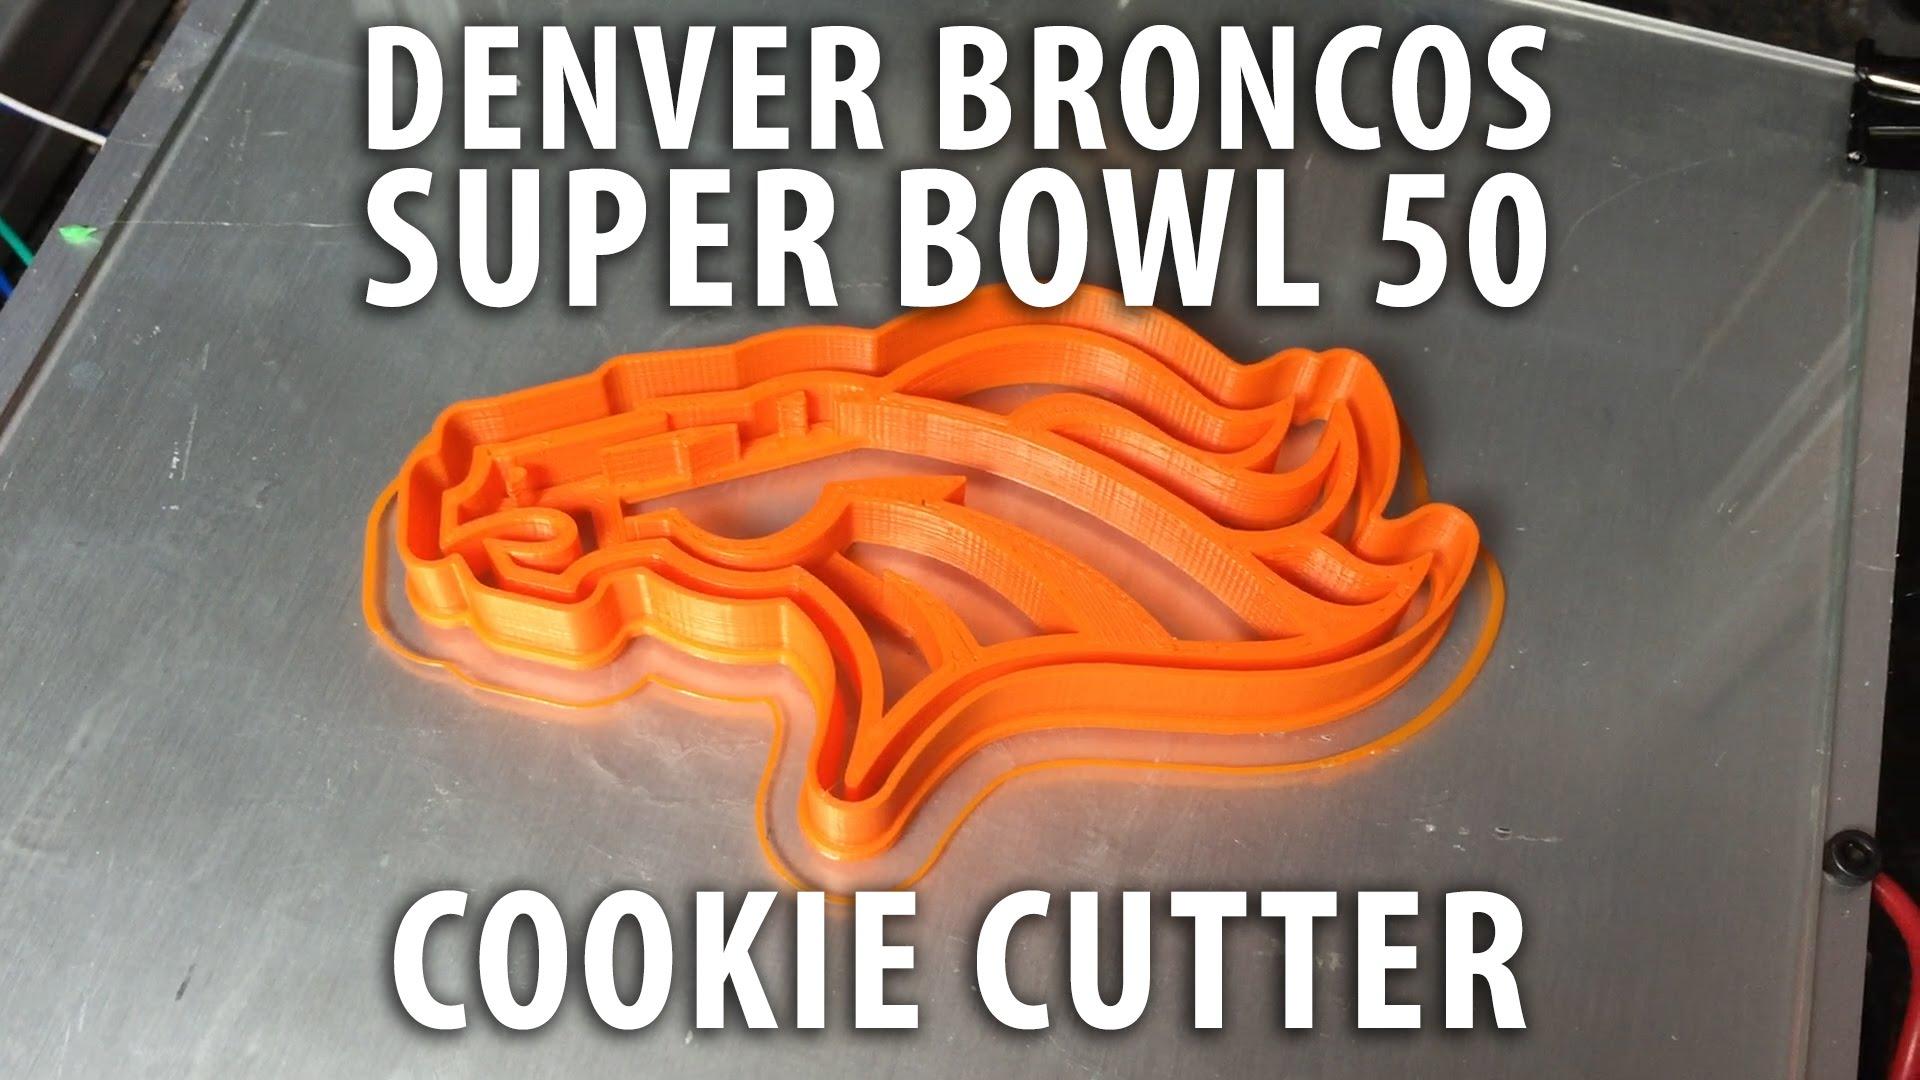 3D Printed Denver Broncos Super Bowl 50 cookie cutter